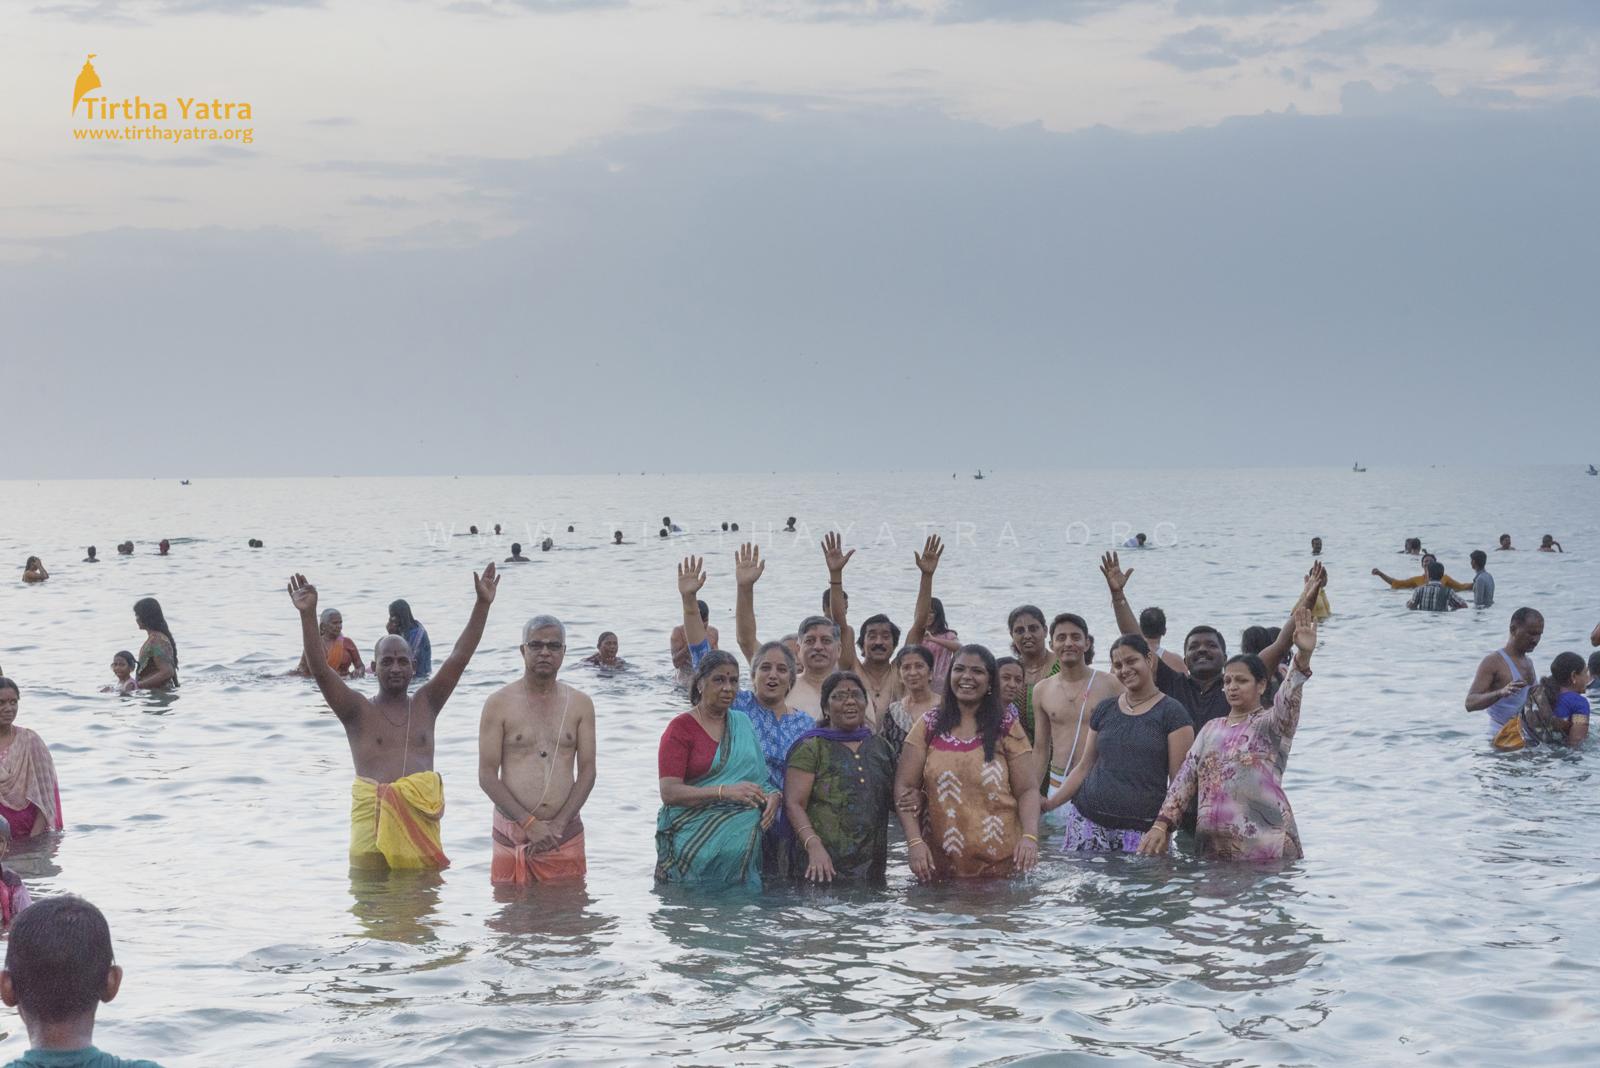 Agni Teertham dip during the Pandiya Nadu Divya Deshams Yatra